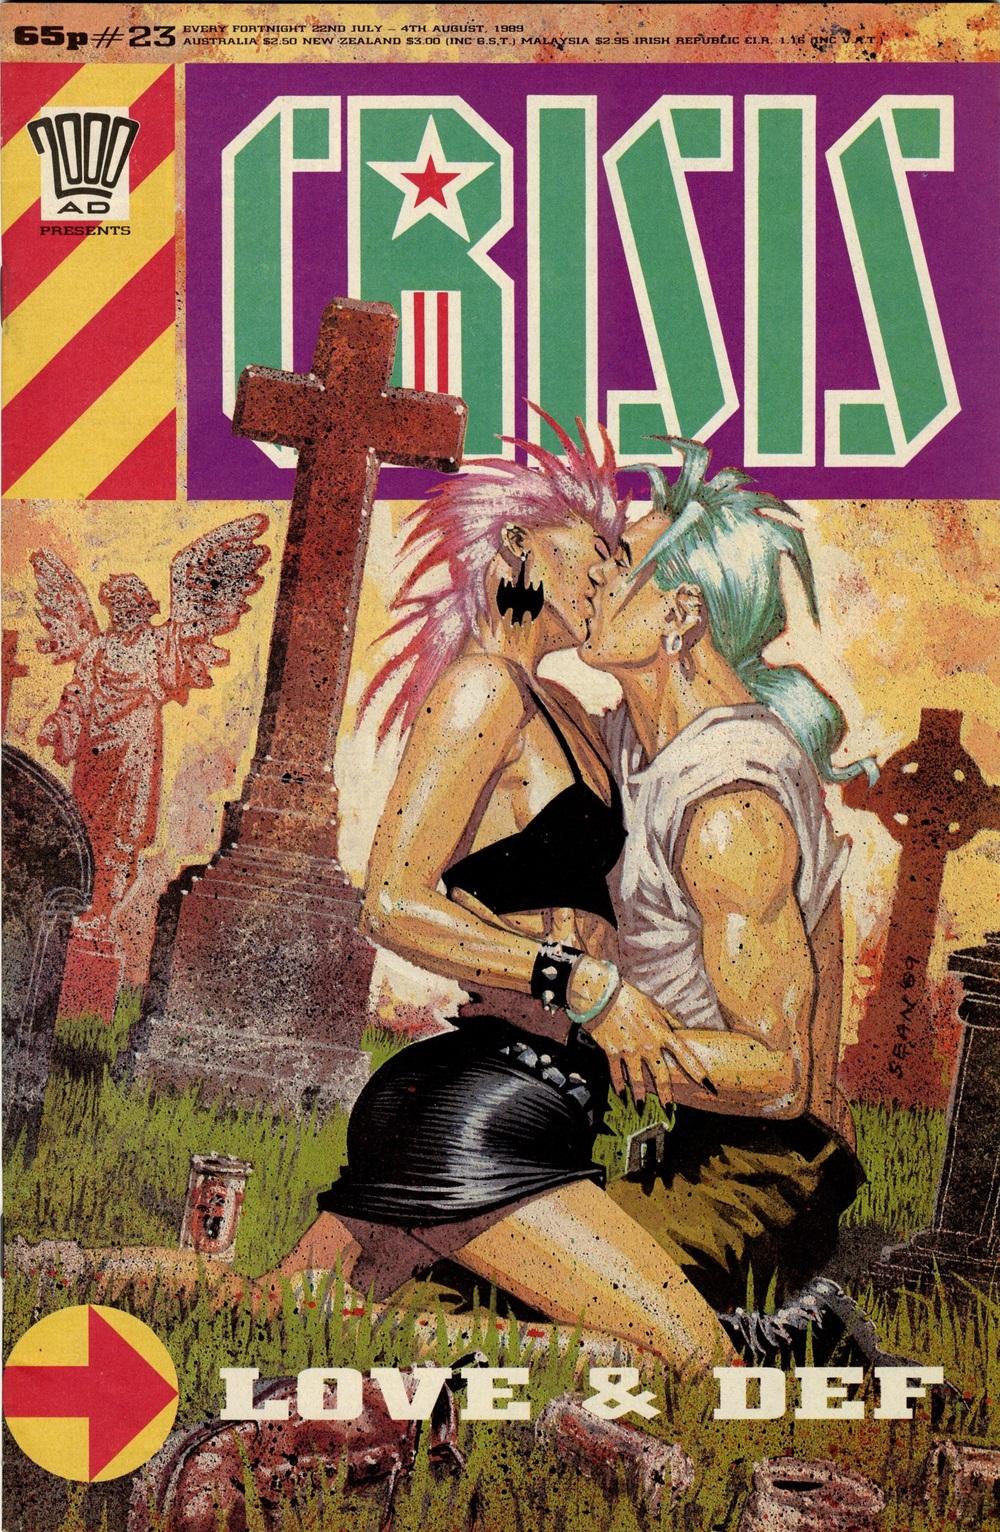 4 August 1989: Crisis (Third World War: Pat Mills (writer), Sean Phillips (artist))